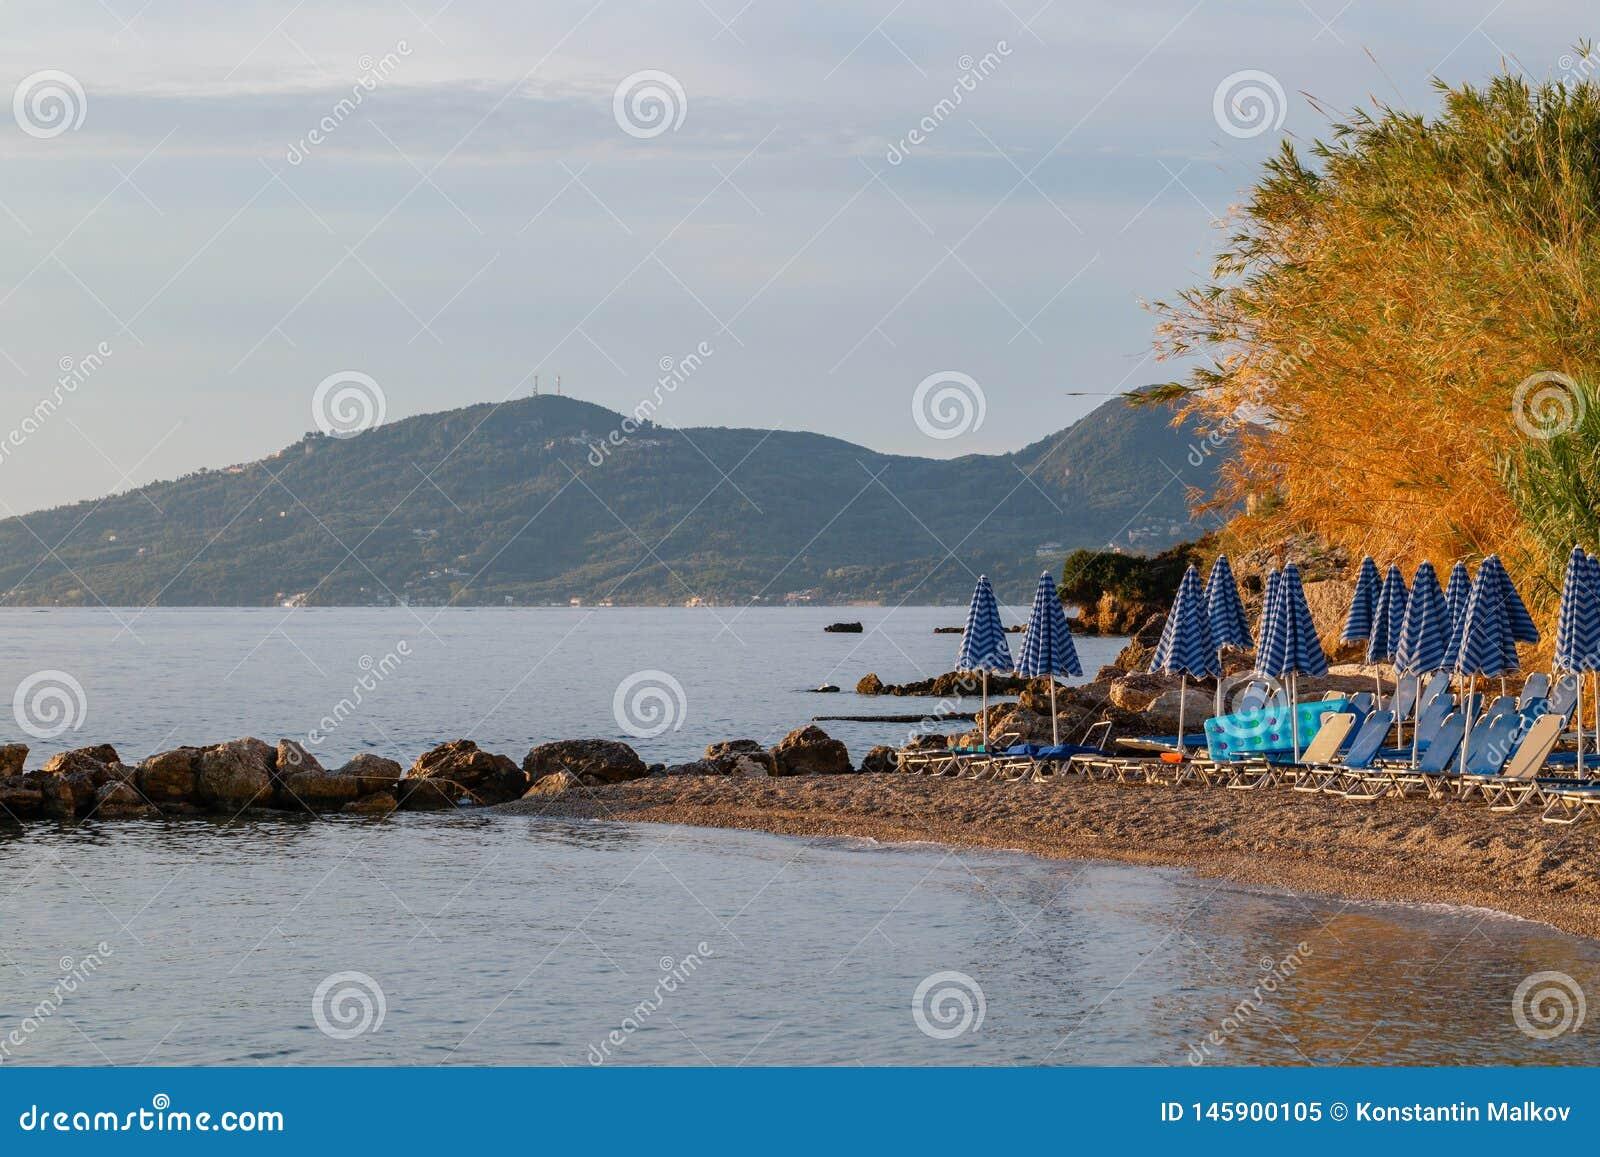 Sommersonnenaufgang Auf Kste, Korfu Insel, Griechenland Strand Mit Sunbeds Und Regenschirme Mit ...